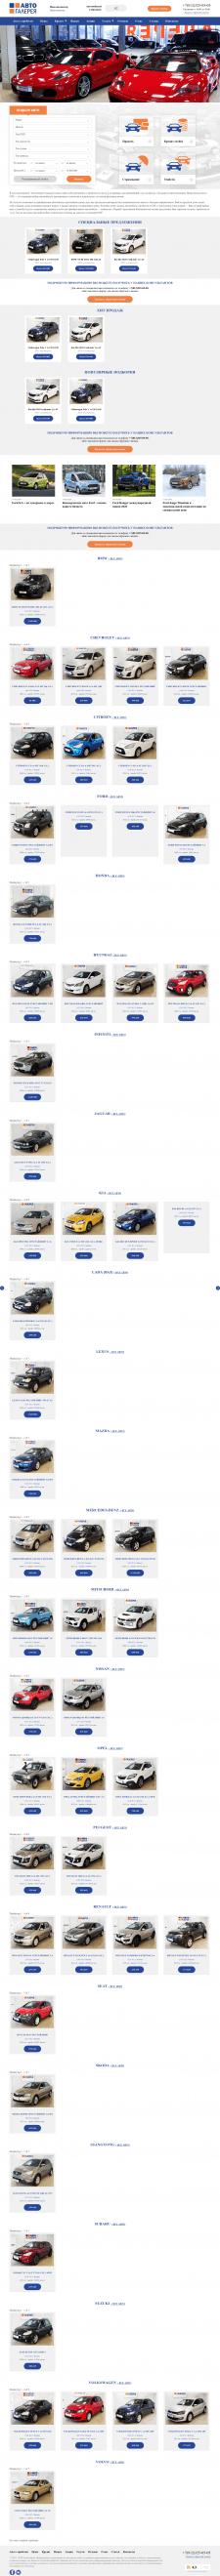 Сакт каталог авто трейд-ин